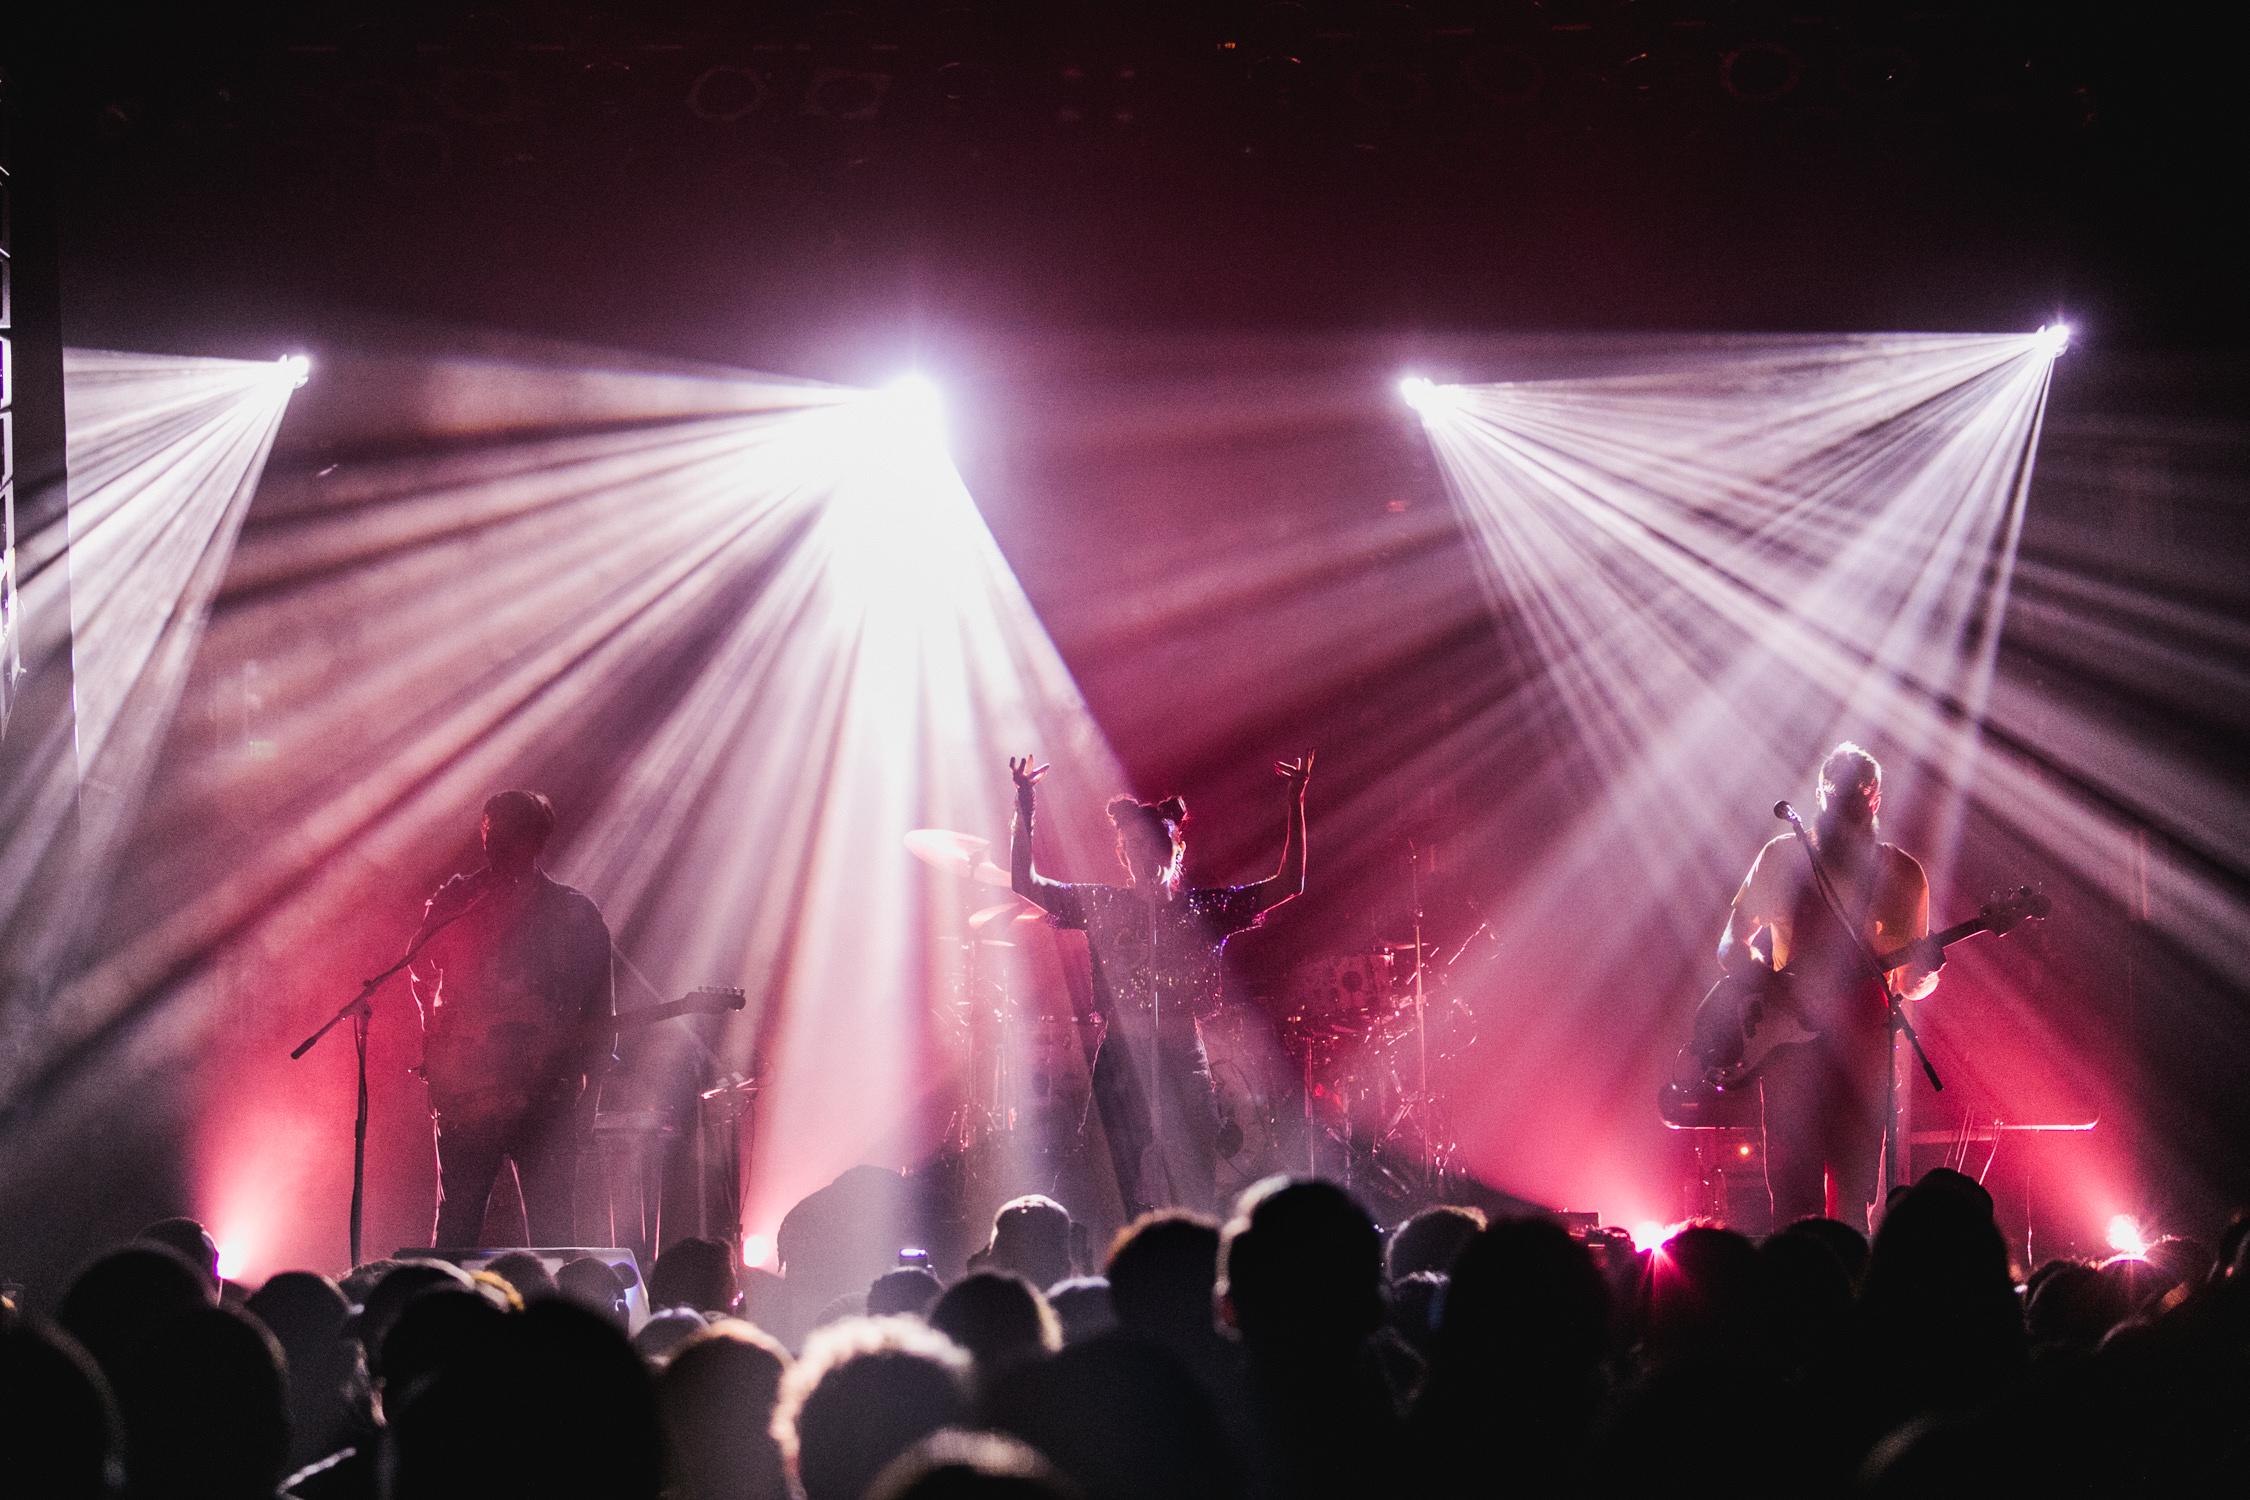 concert-gobo-lighting-silhouette-AnnaLeeMedia